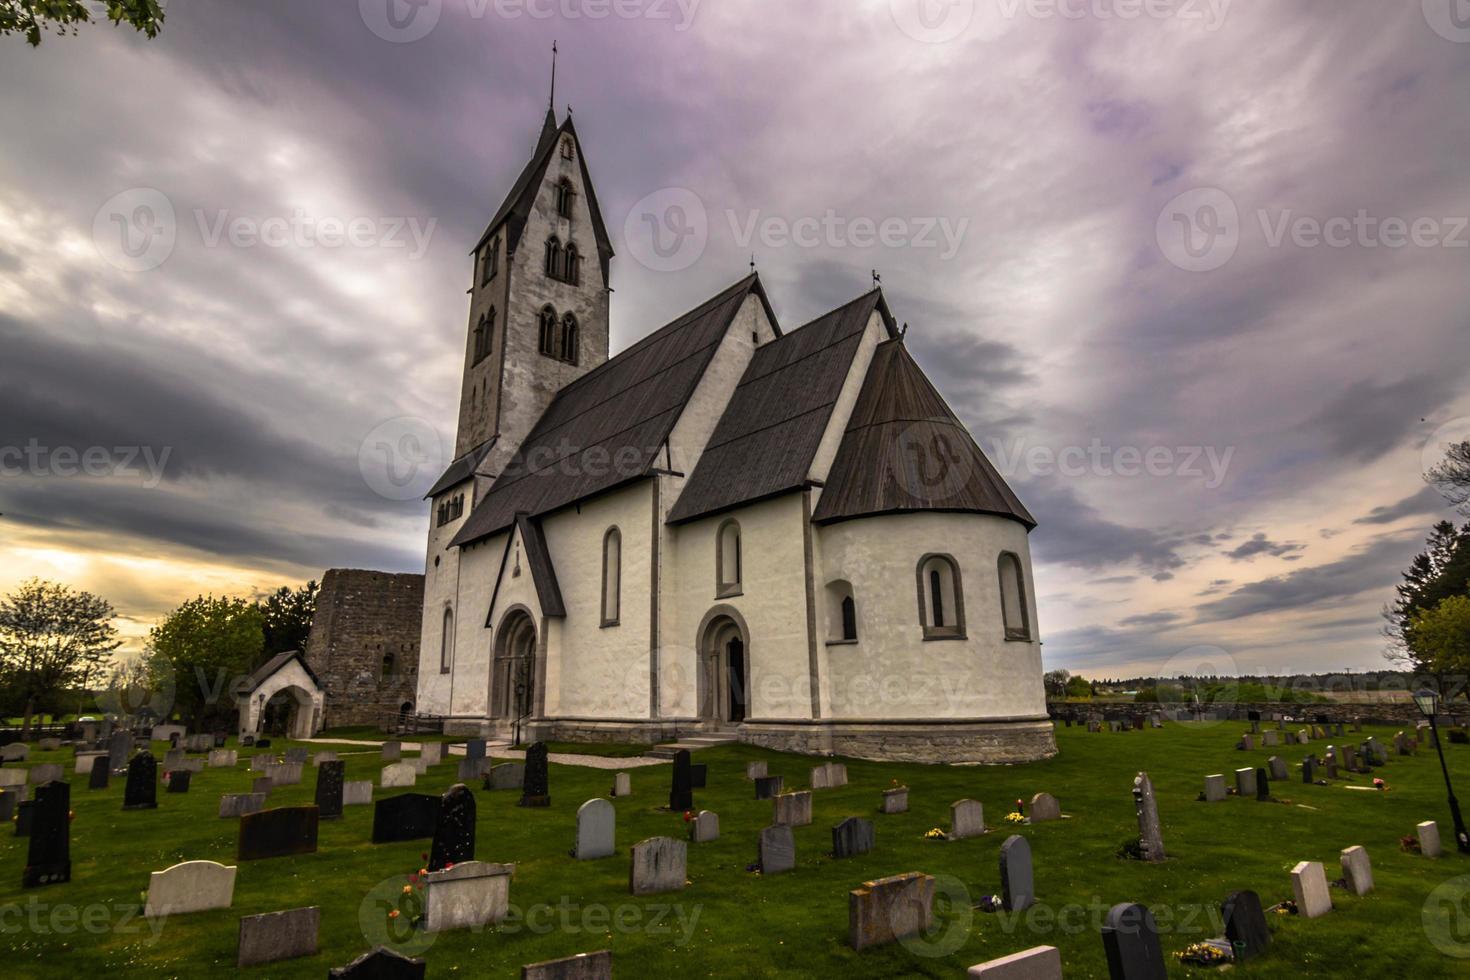 igreja de gothem em gotland, suécia foto